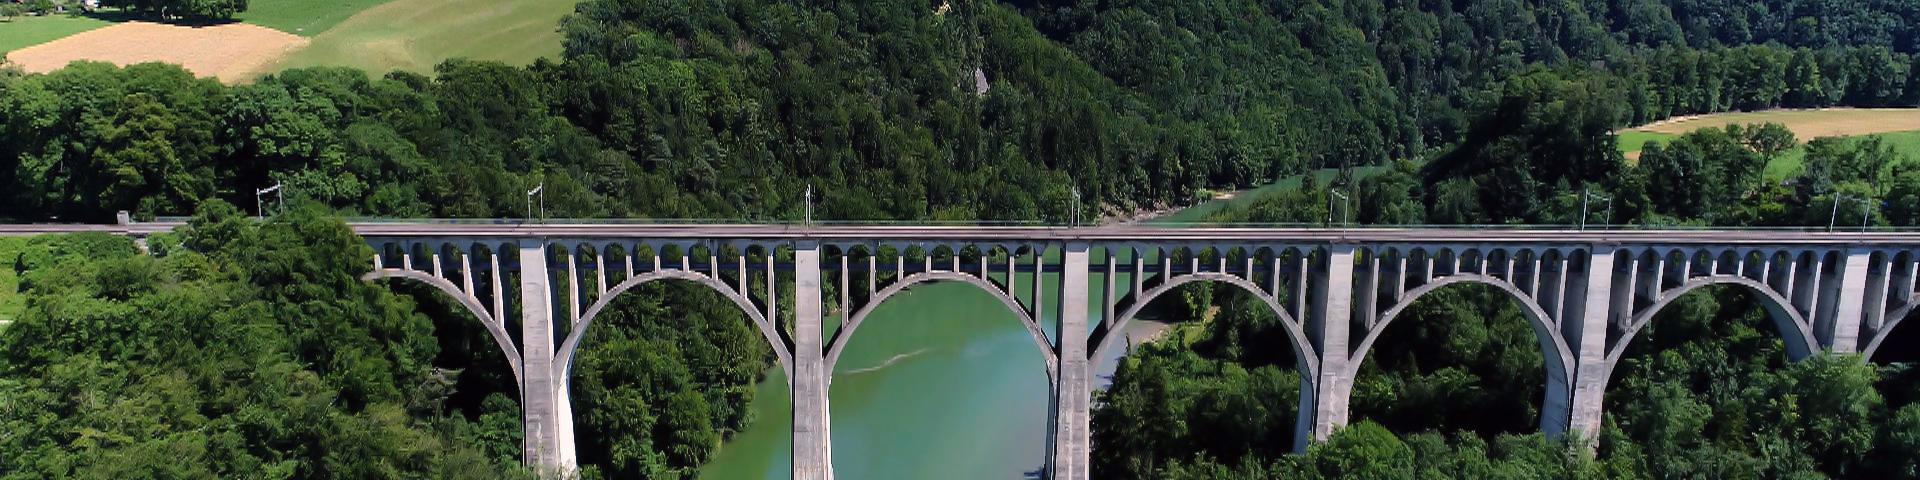 Grandfeybrücke